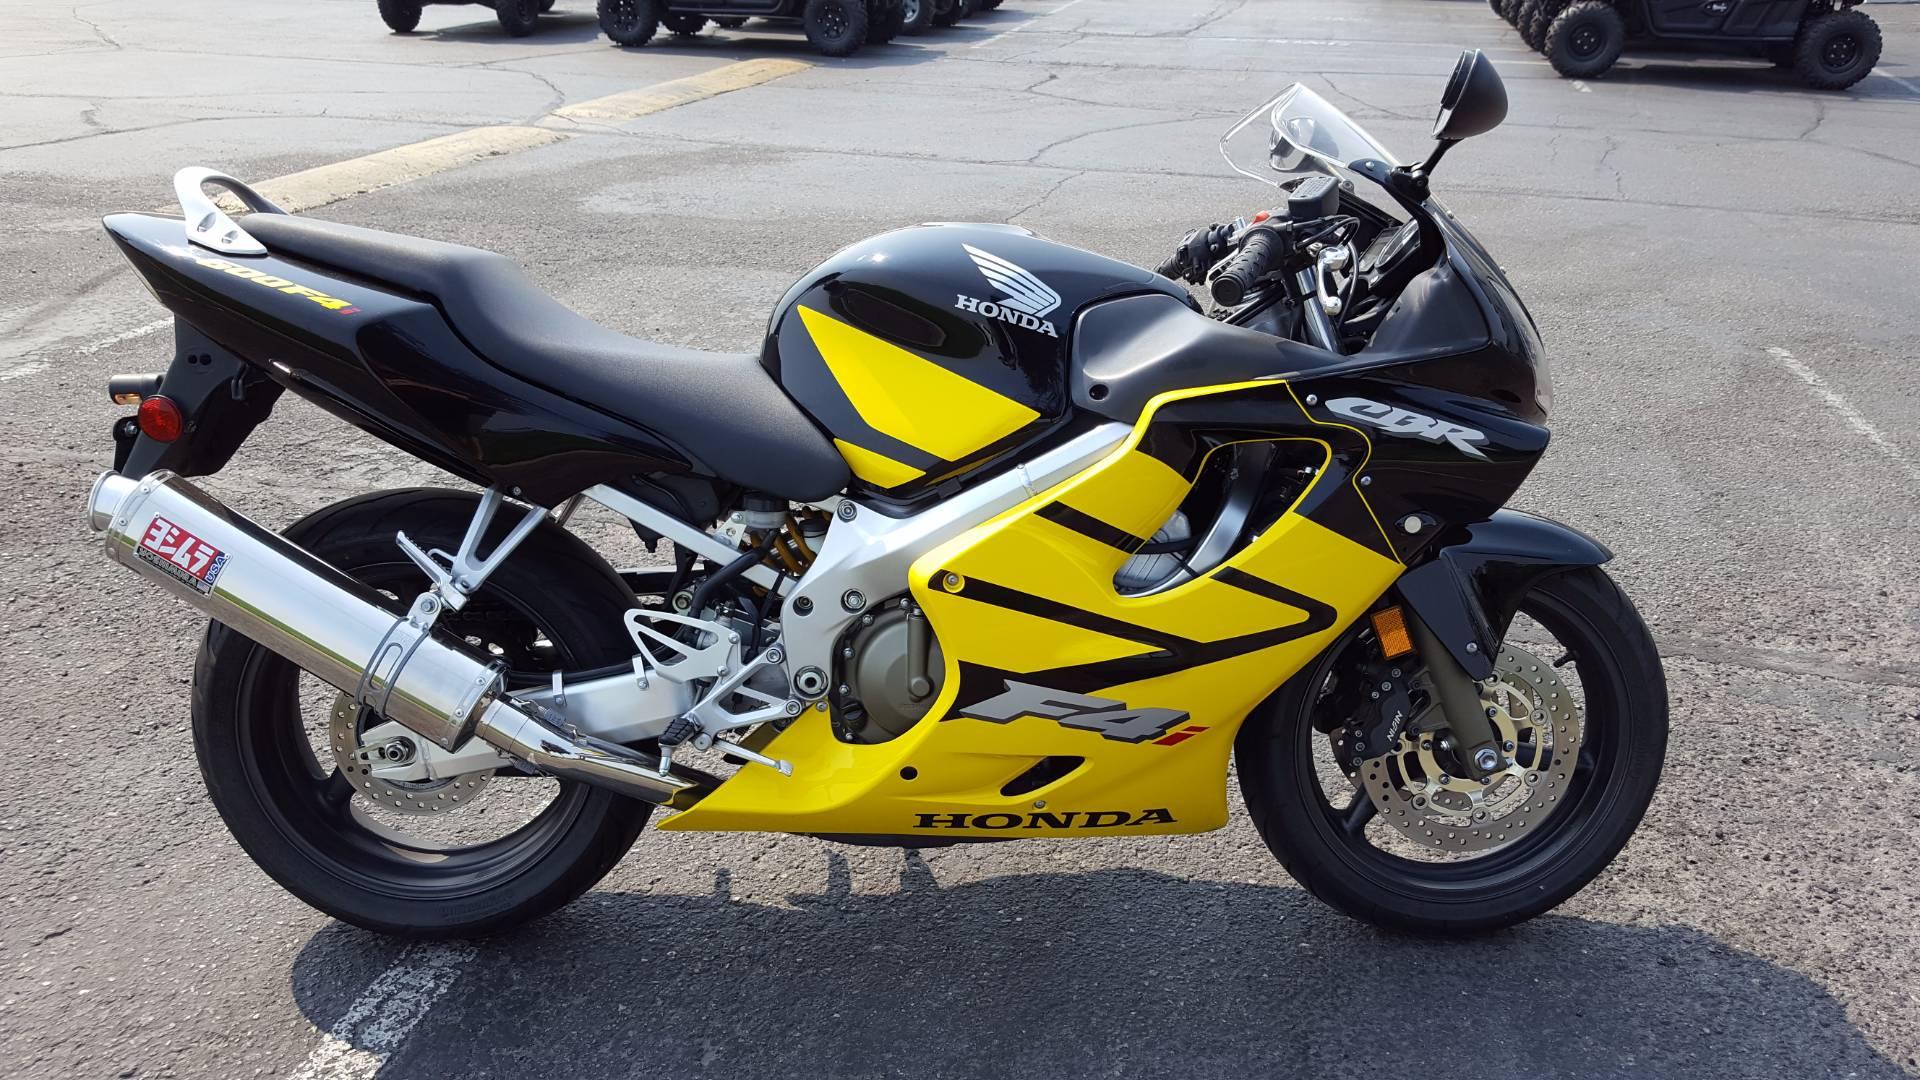 2004 CBR600F4i